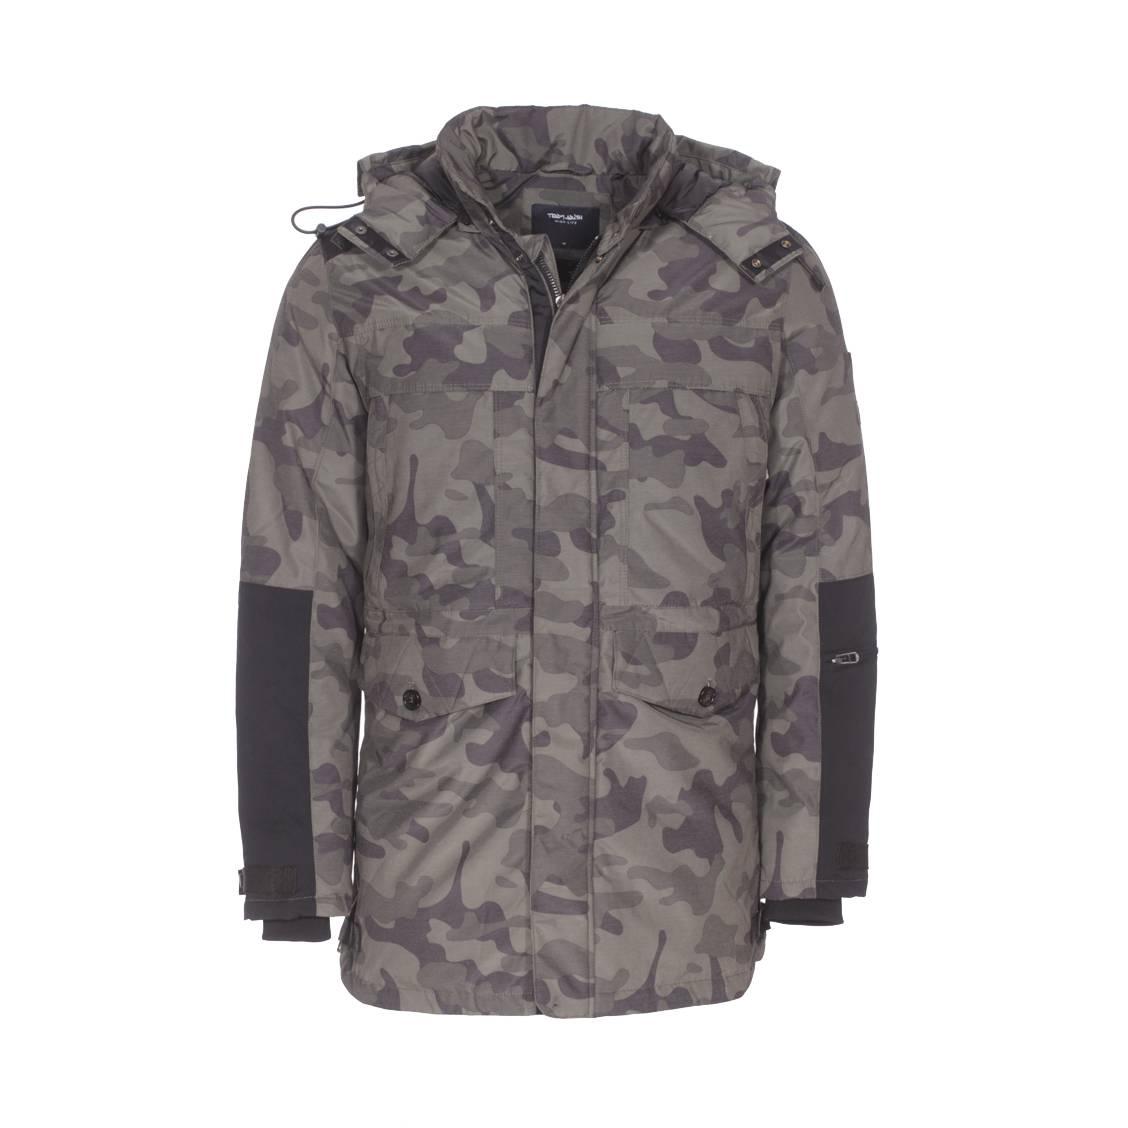 Parka à capuche amovible Teddy Smith Powel en coton à imprimé camouflage | Rue Des Hommes